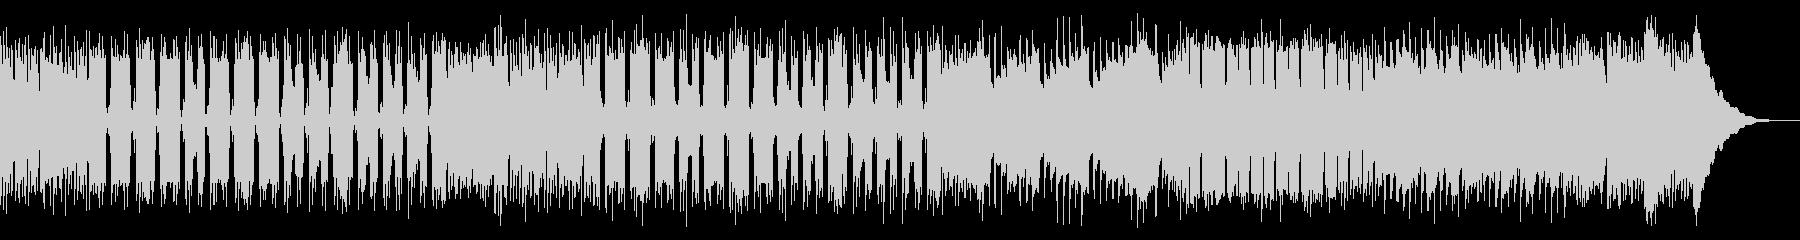 カントリー風マーチングギター01Cの未再生の波形